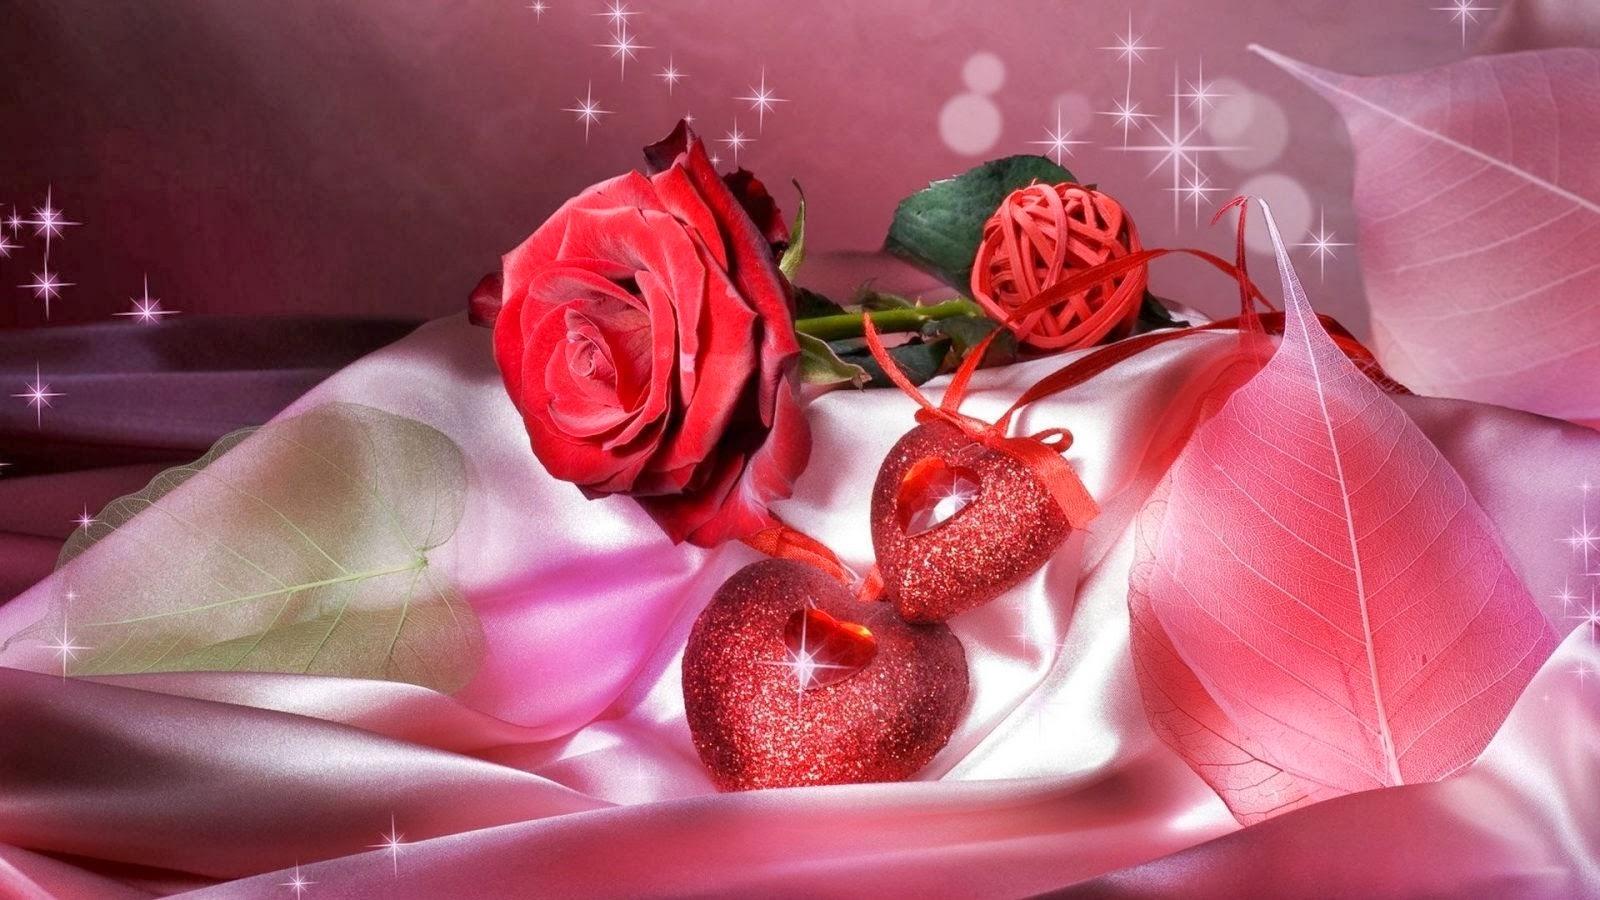 Free Download Rosas Para Todos En Movimiento Da Del Amor Y La Amistad Imgenes 1600x900 For Your Desktop Mobile Tablet Explore 50 Love Desktop Wallpaper Full Hd Love Wallpapers4u